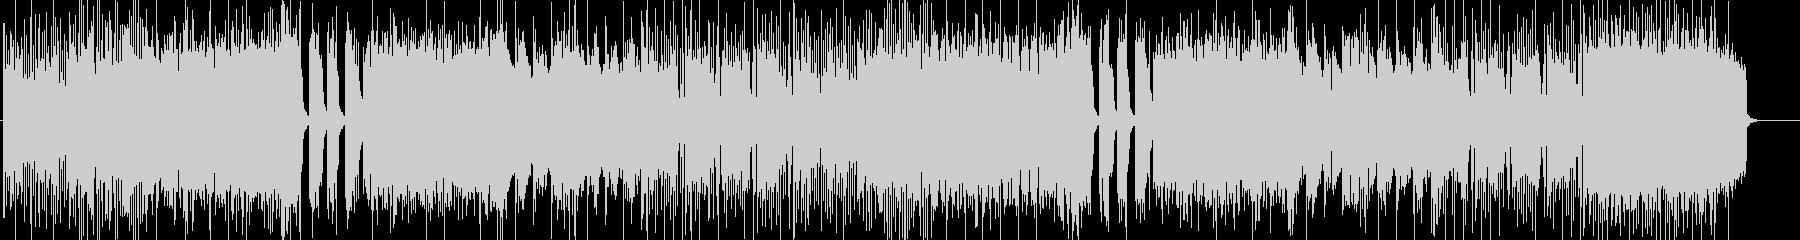 「HR/HM」「DARK/DEATH」の未再生の波形